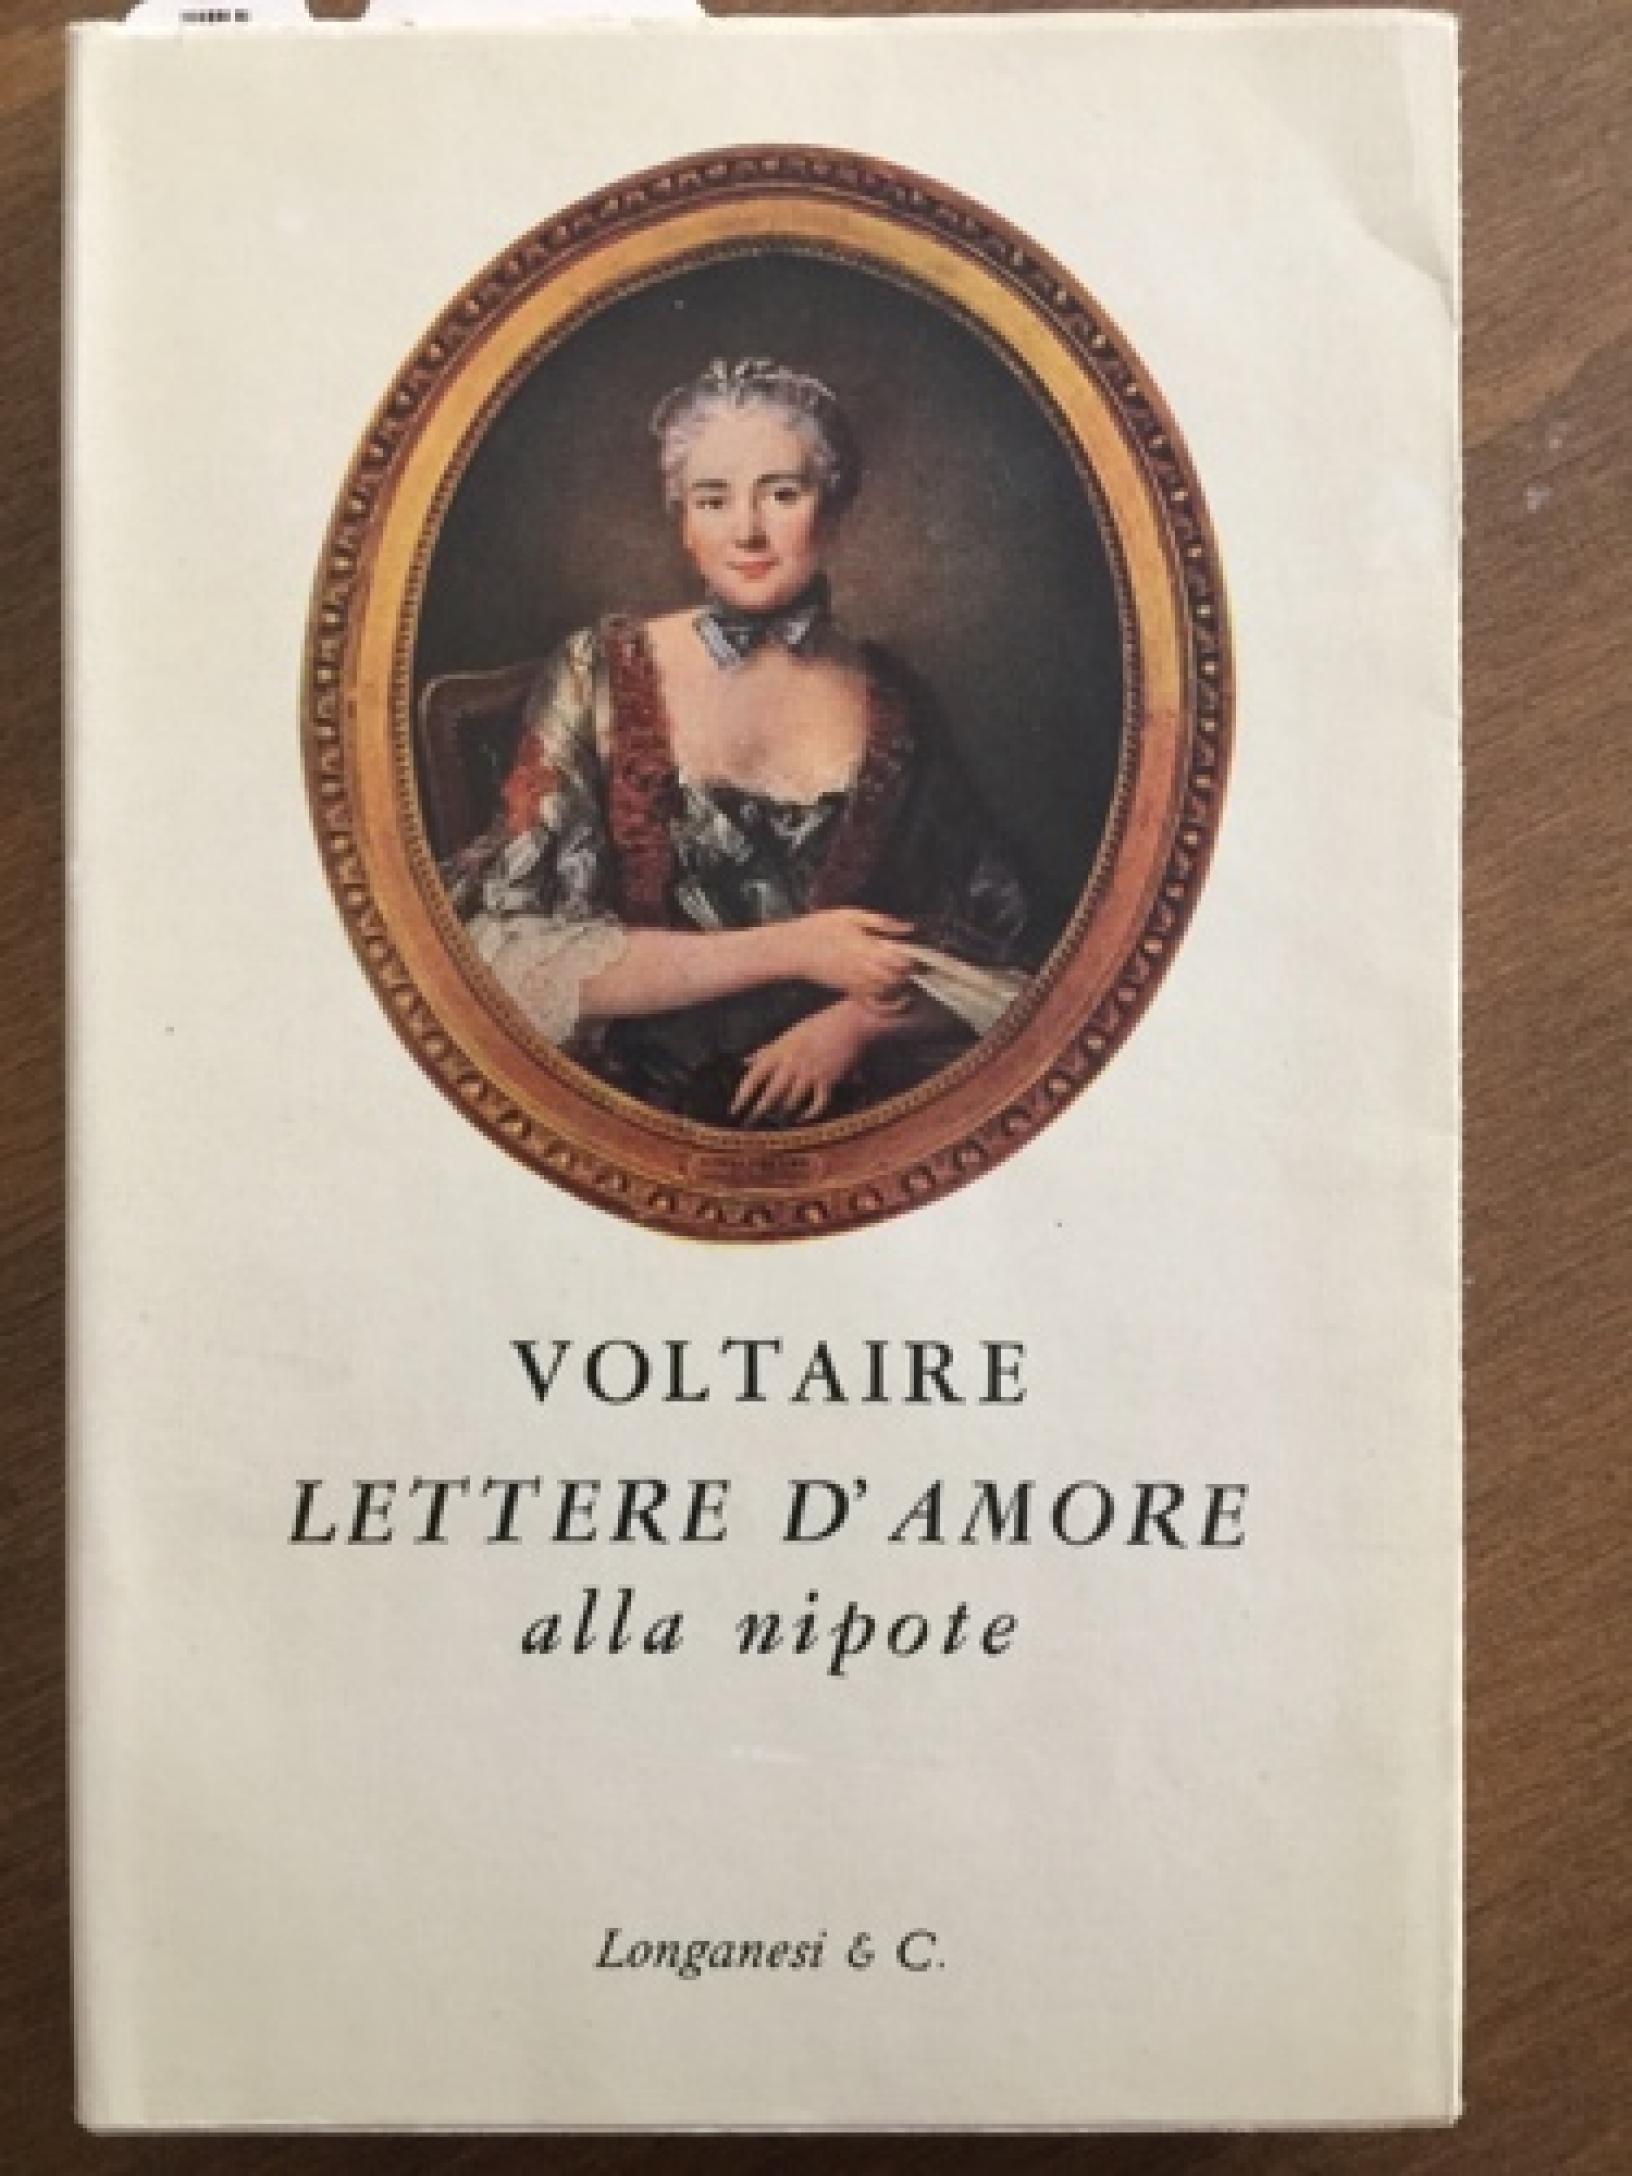 Lettere d'amore di Voltaire alla nipote